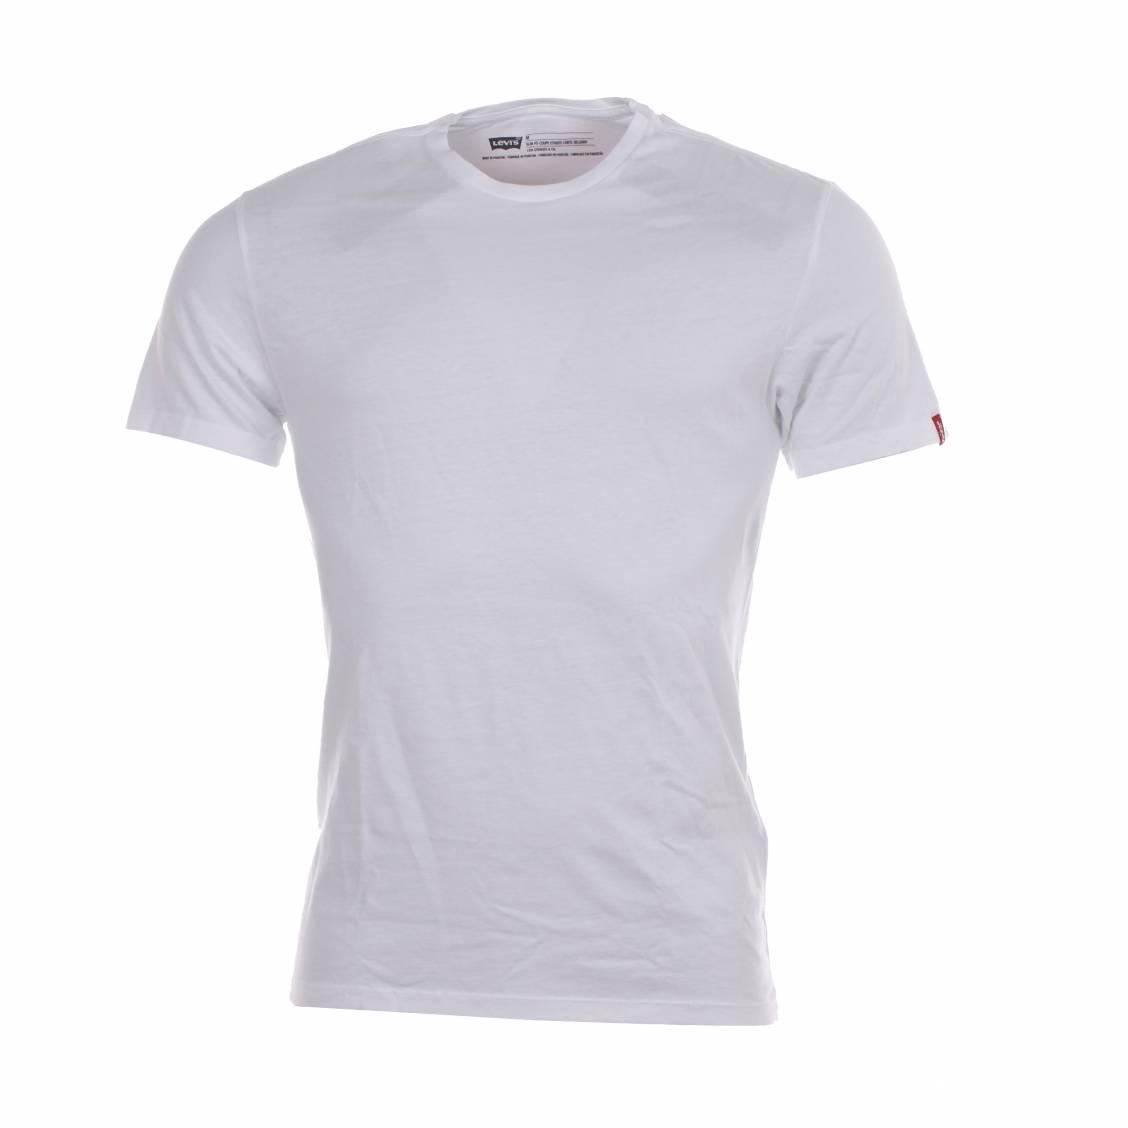 lot de 2 tee-shirts levis à col rond blancs